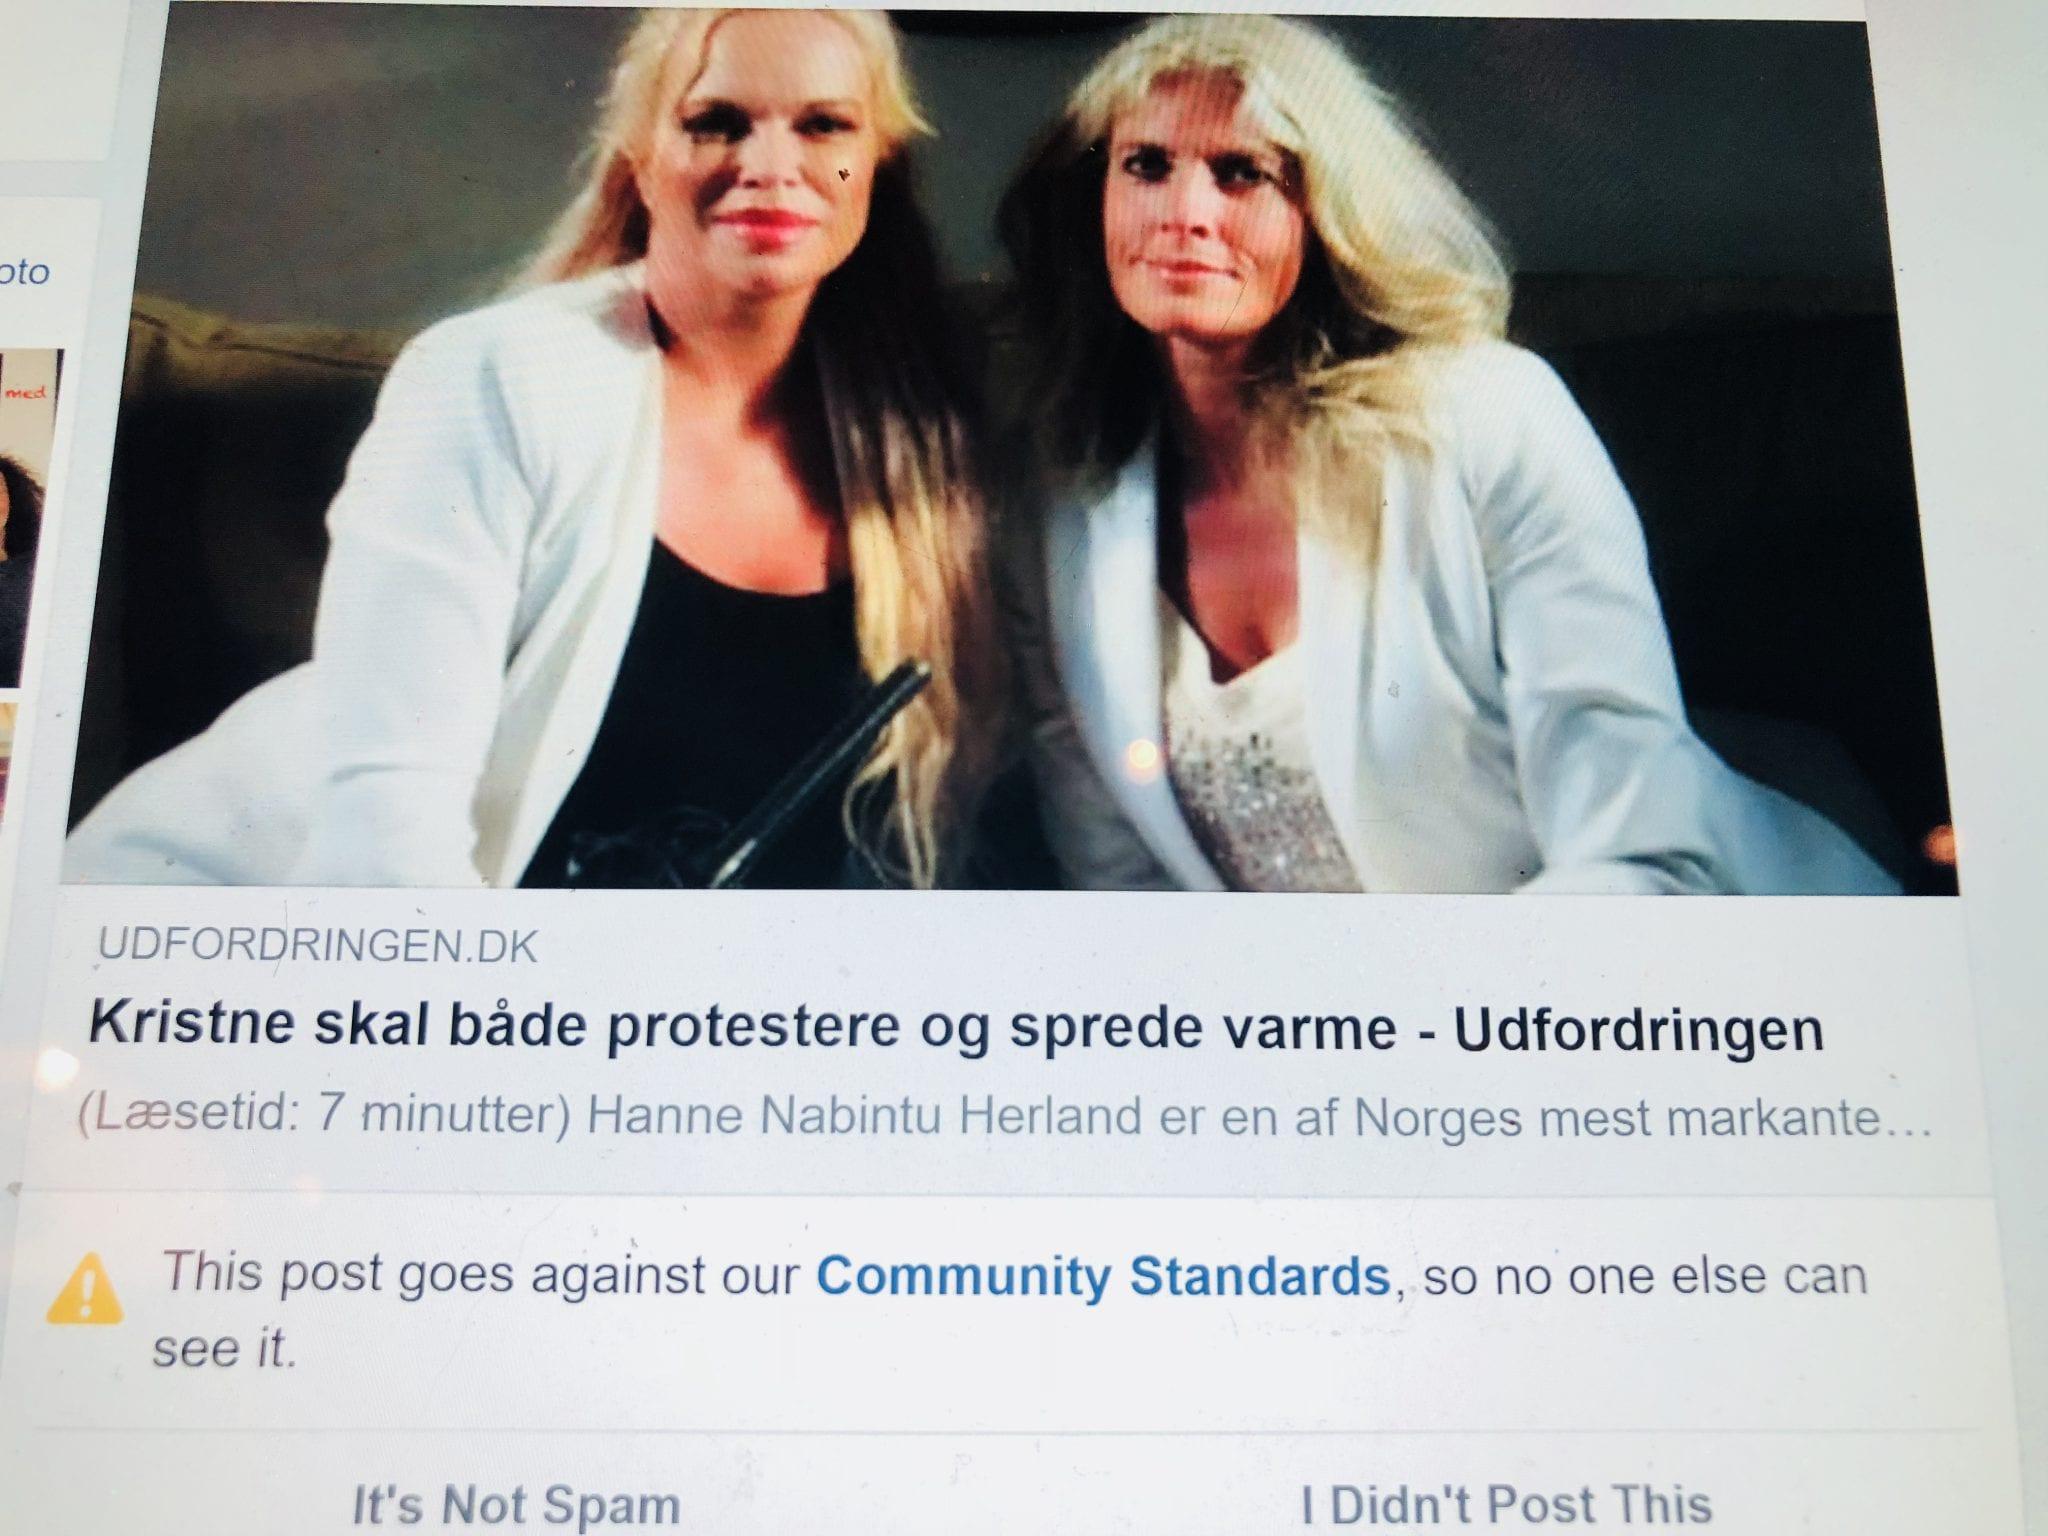 Iben Thranholm Hanne Herland artikkel danmarks Udforingen